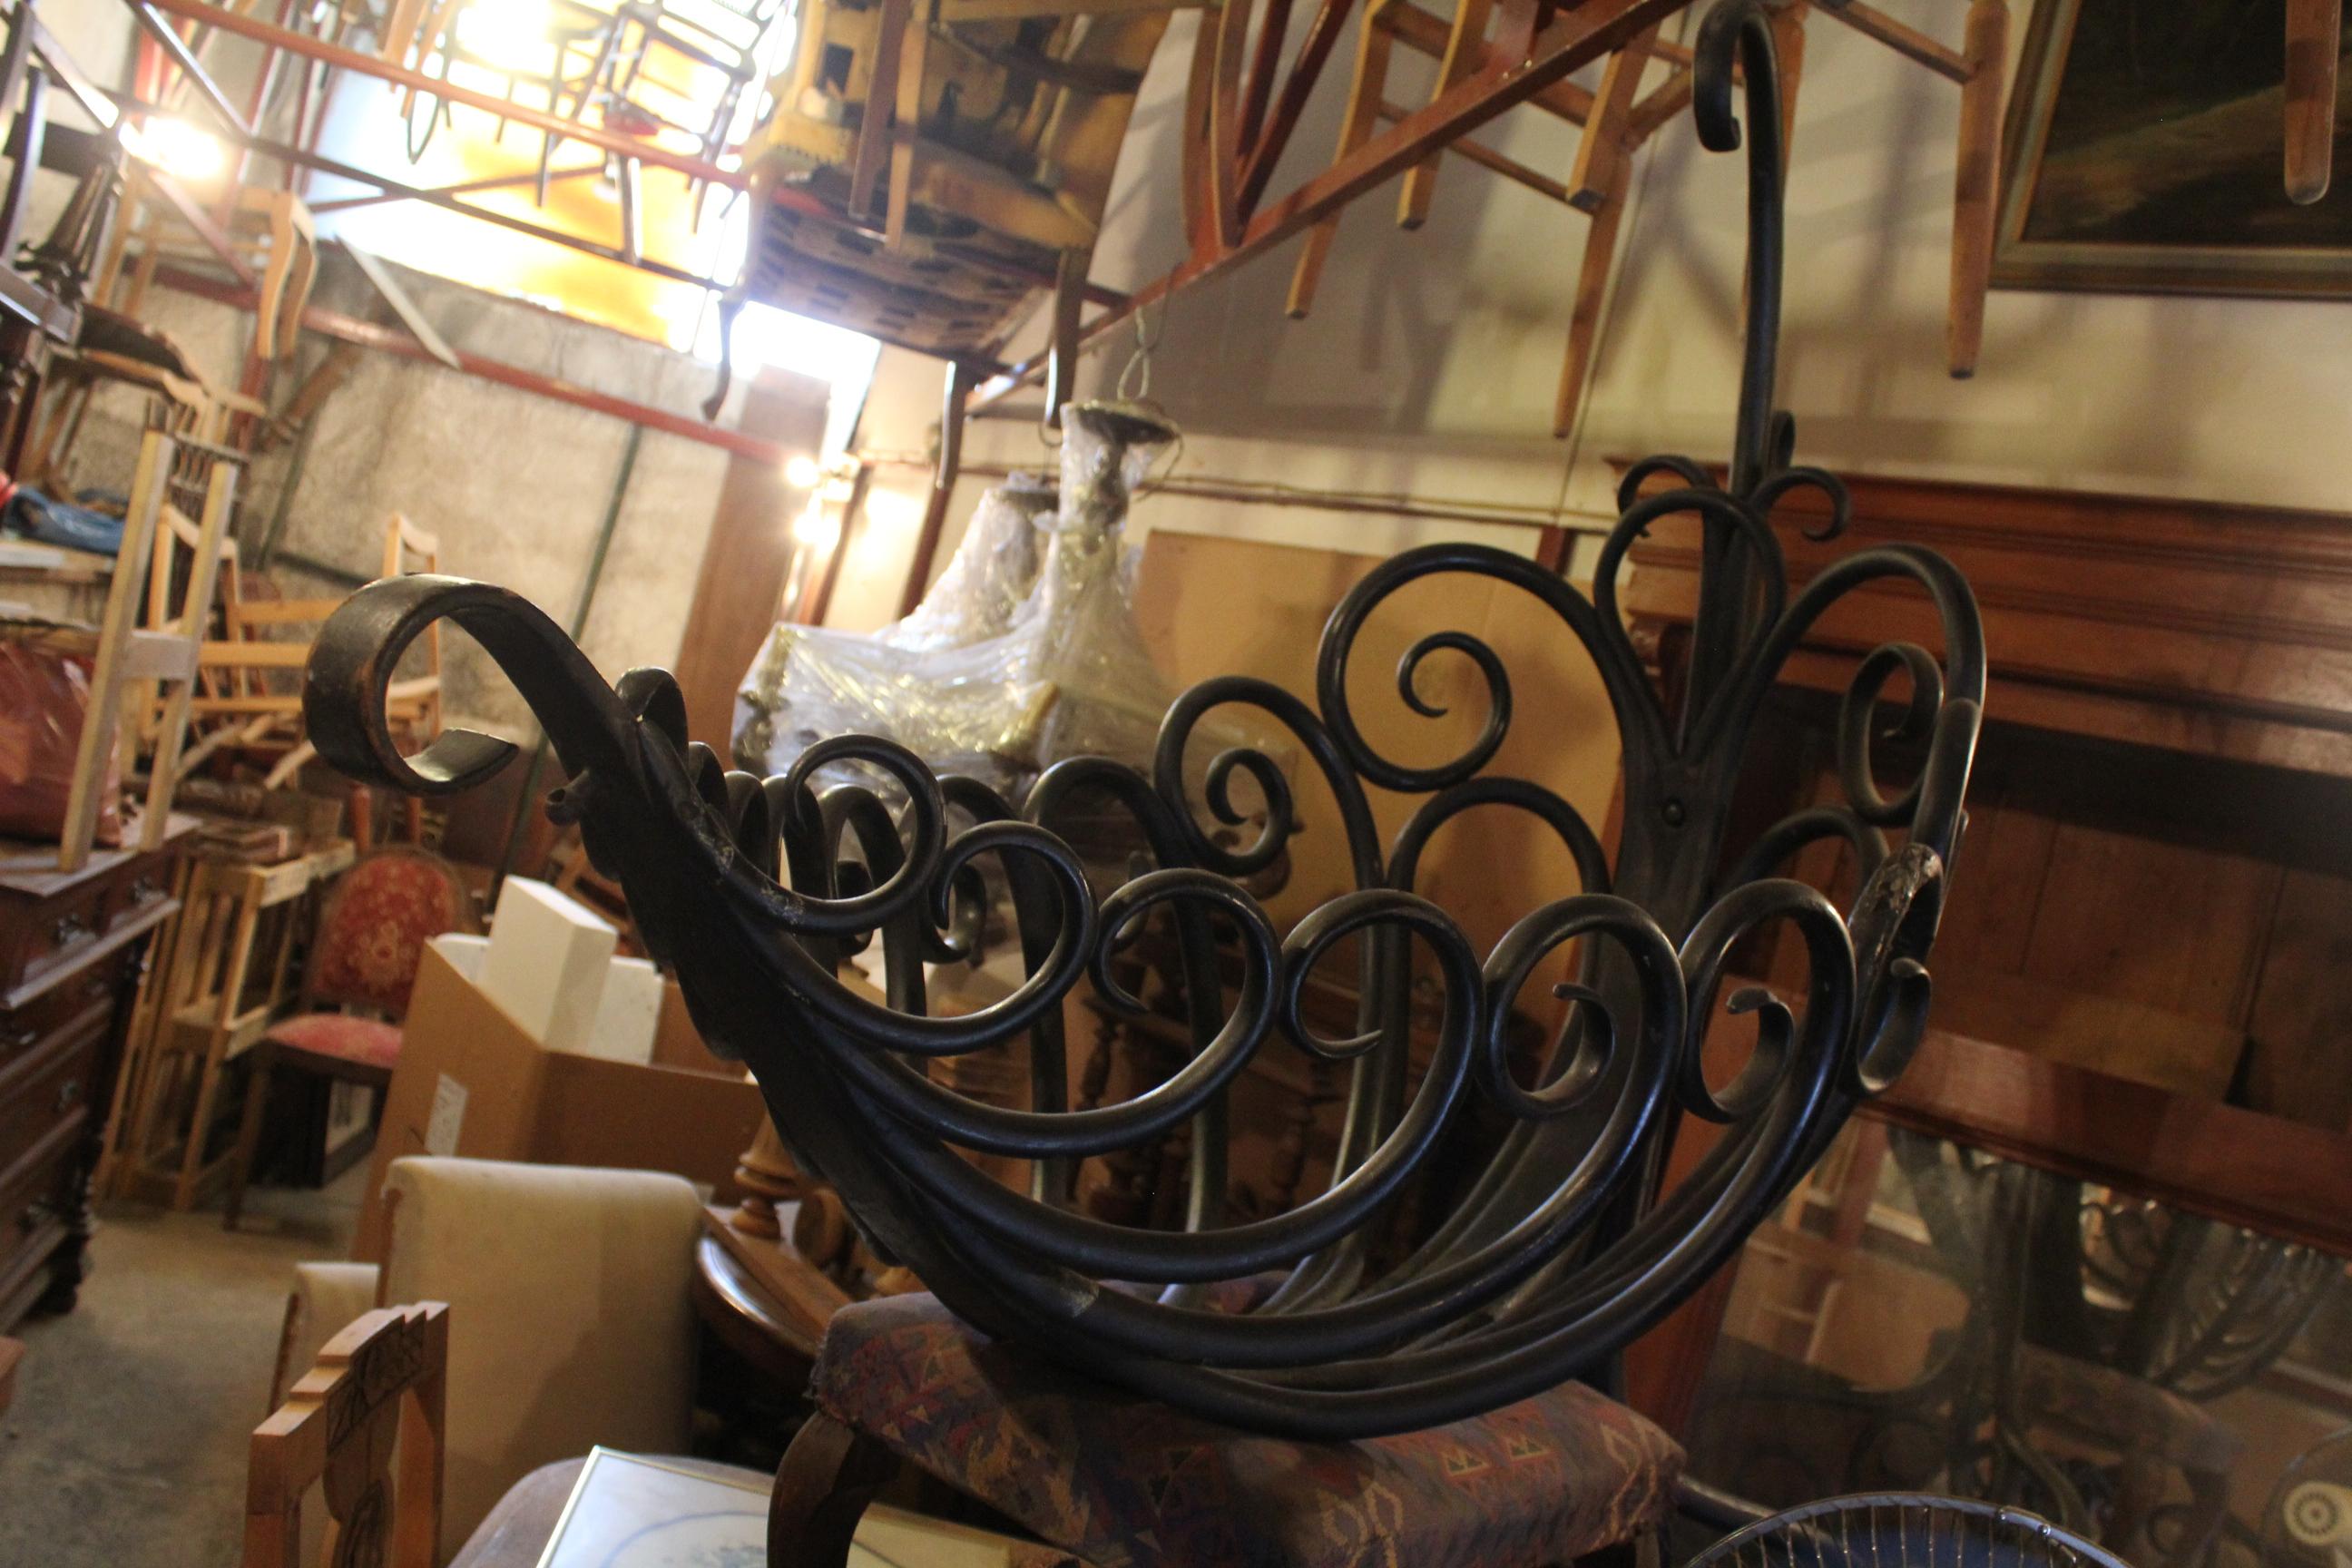 Το παλαιότερο αντικείμενο στο παλαιοπωλείο του κ. Μαστρογιάννη